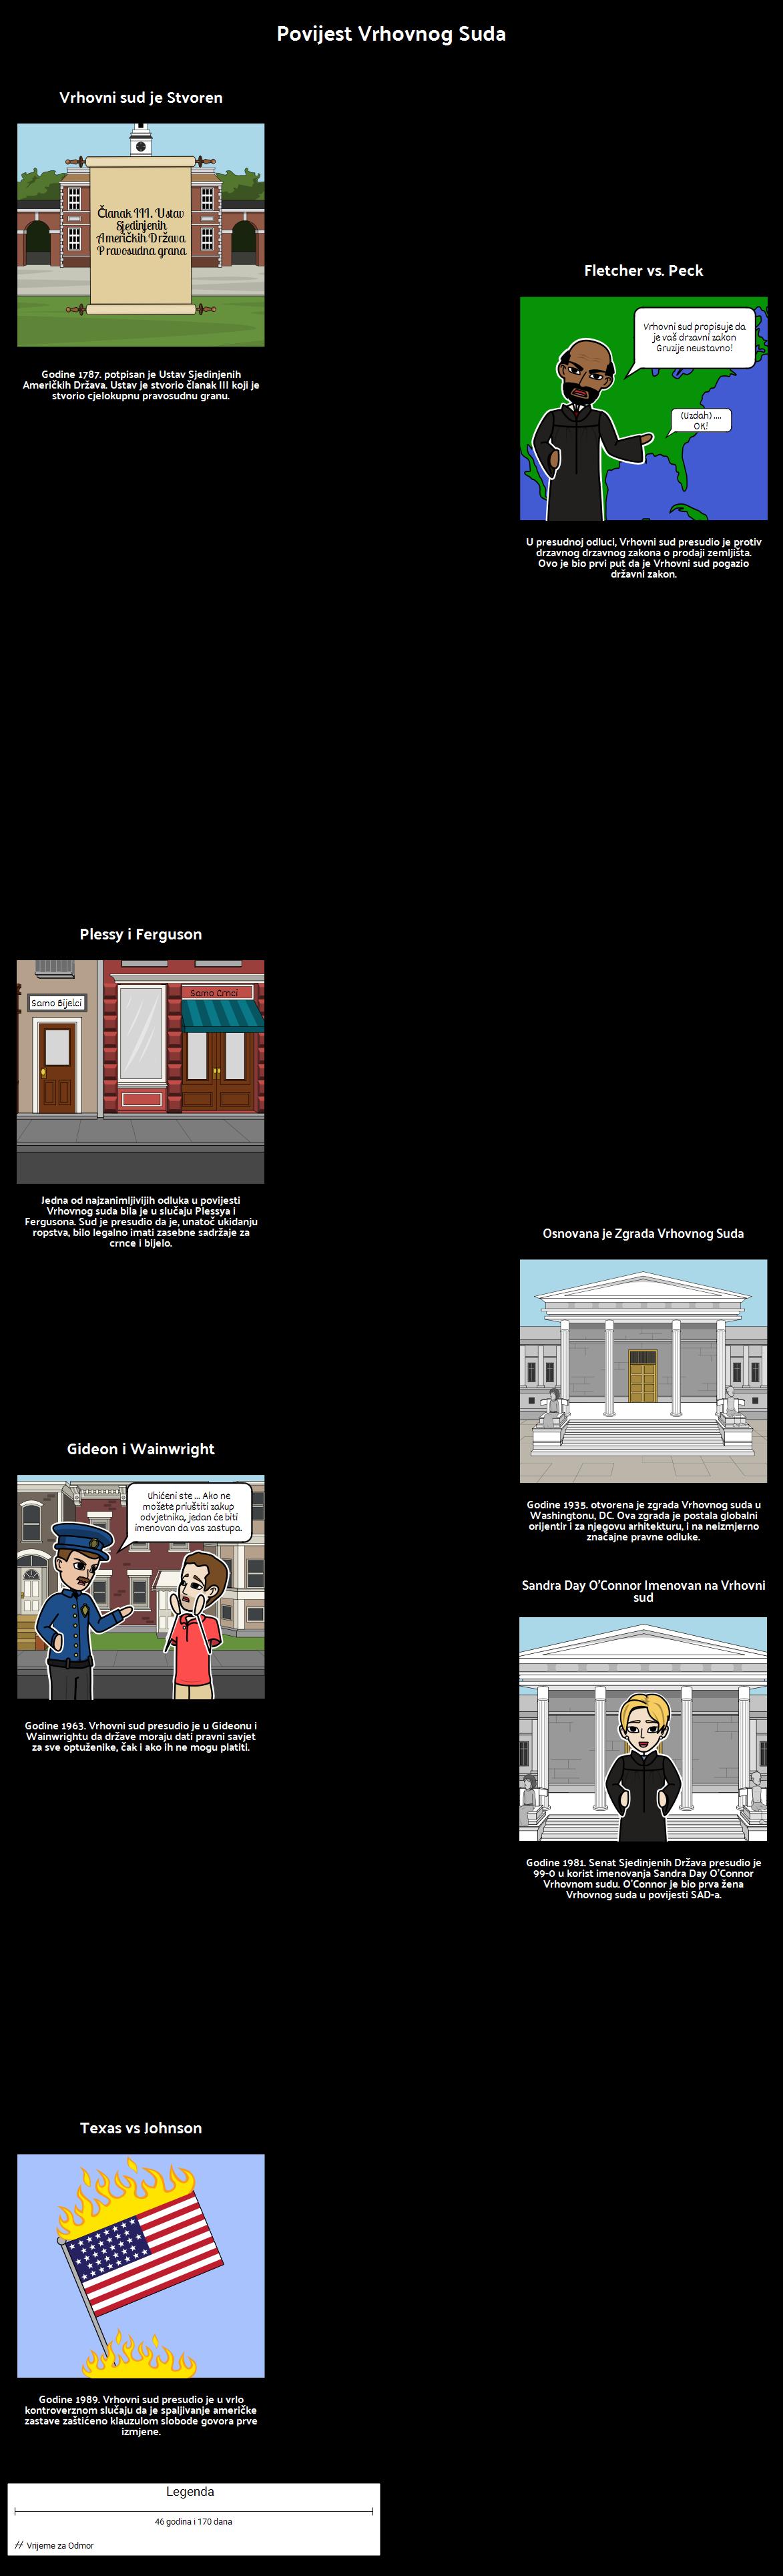 Povijest Vrhovnog Suda